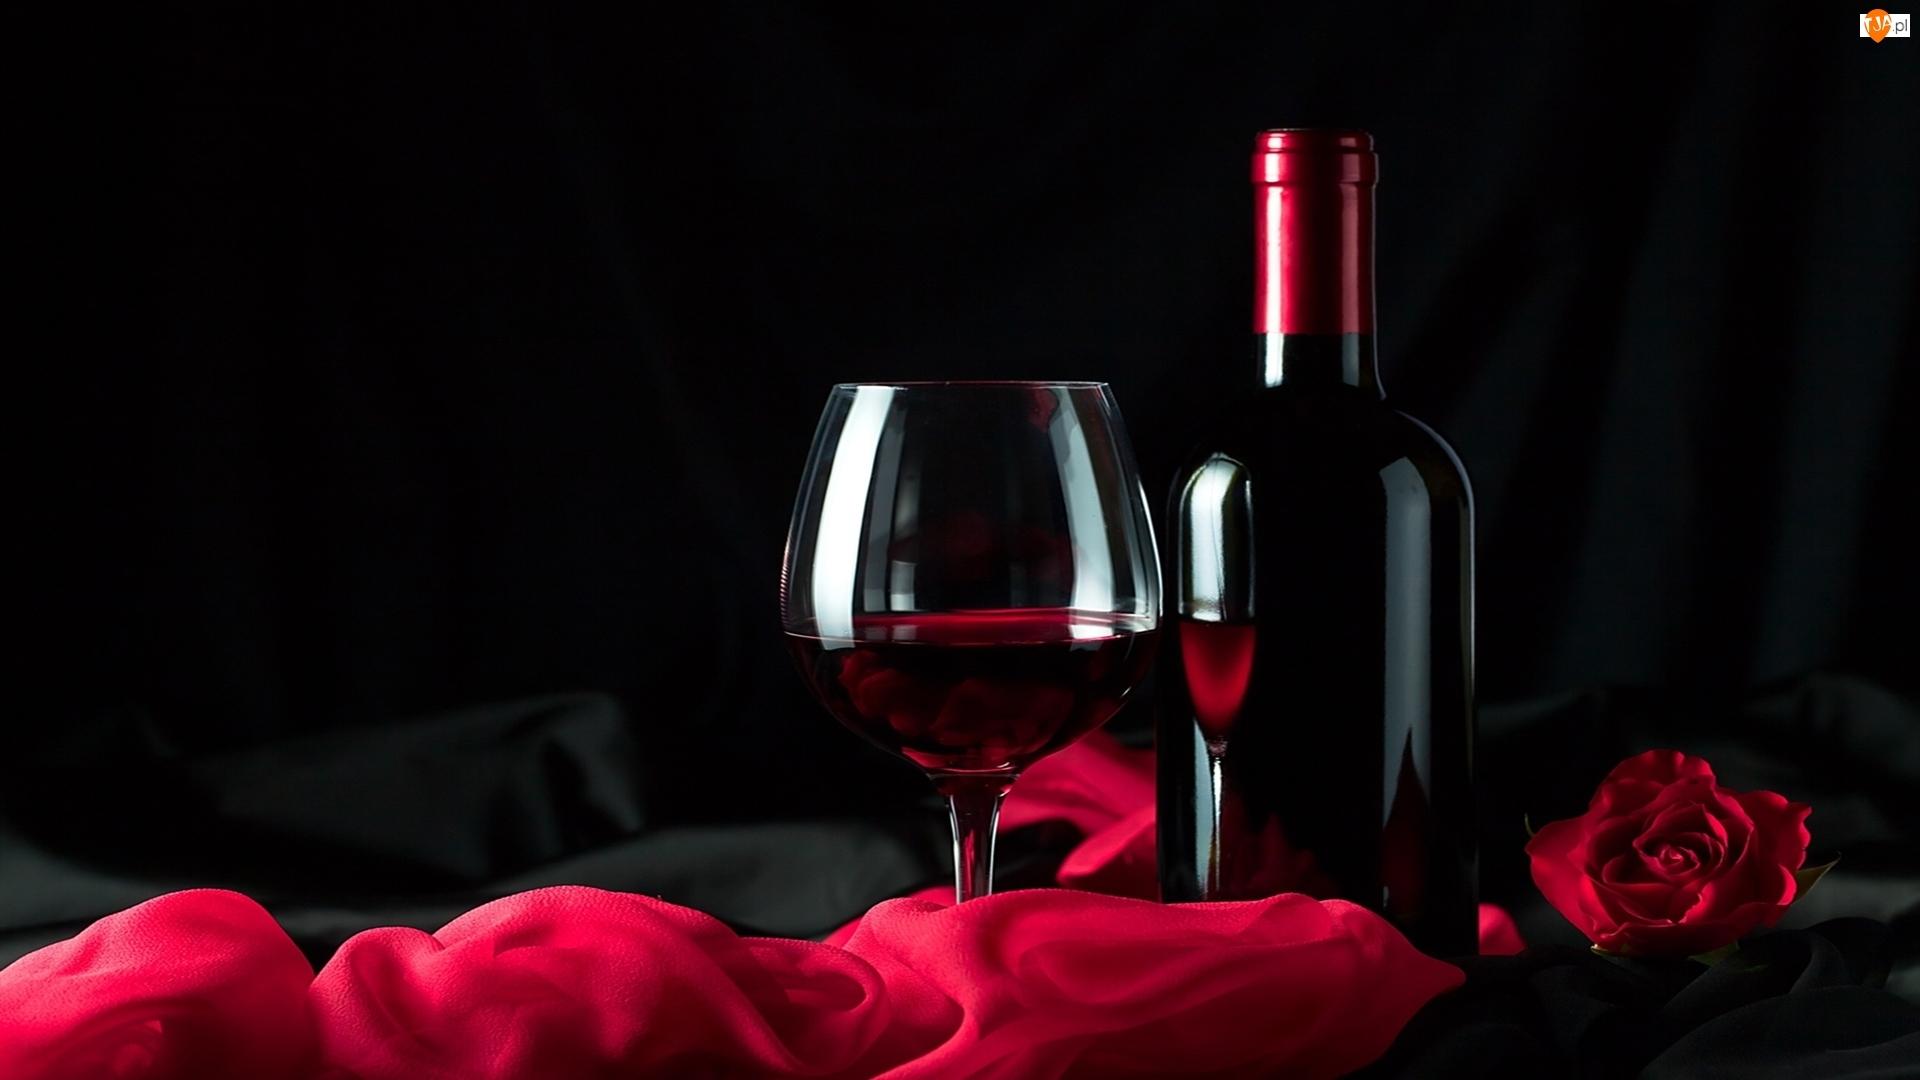 Róża, Kompozycja, Butelka, Wino, Kieliszek